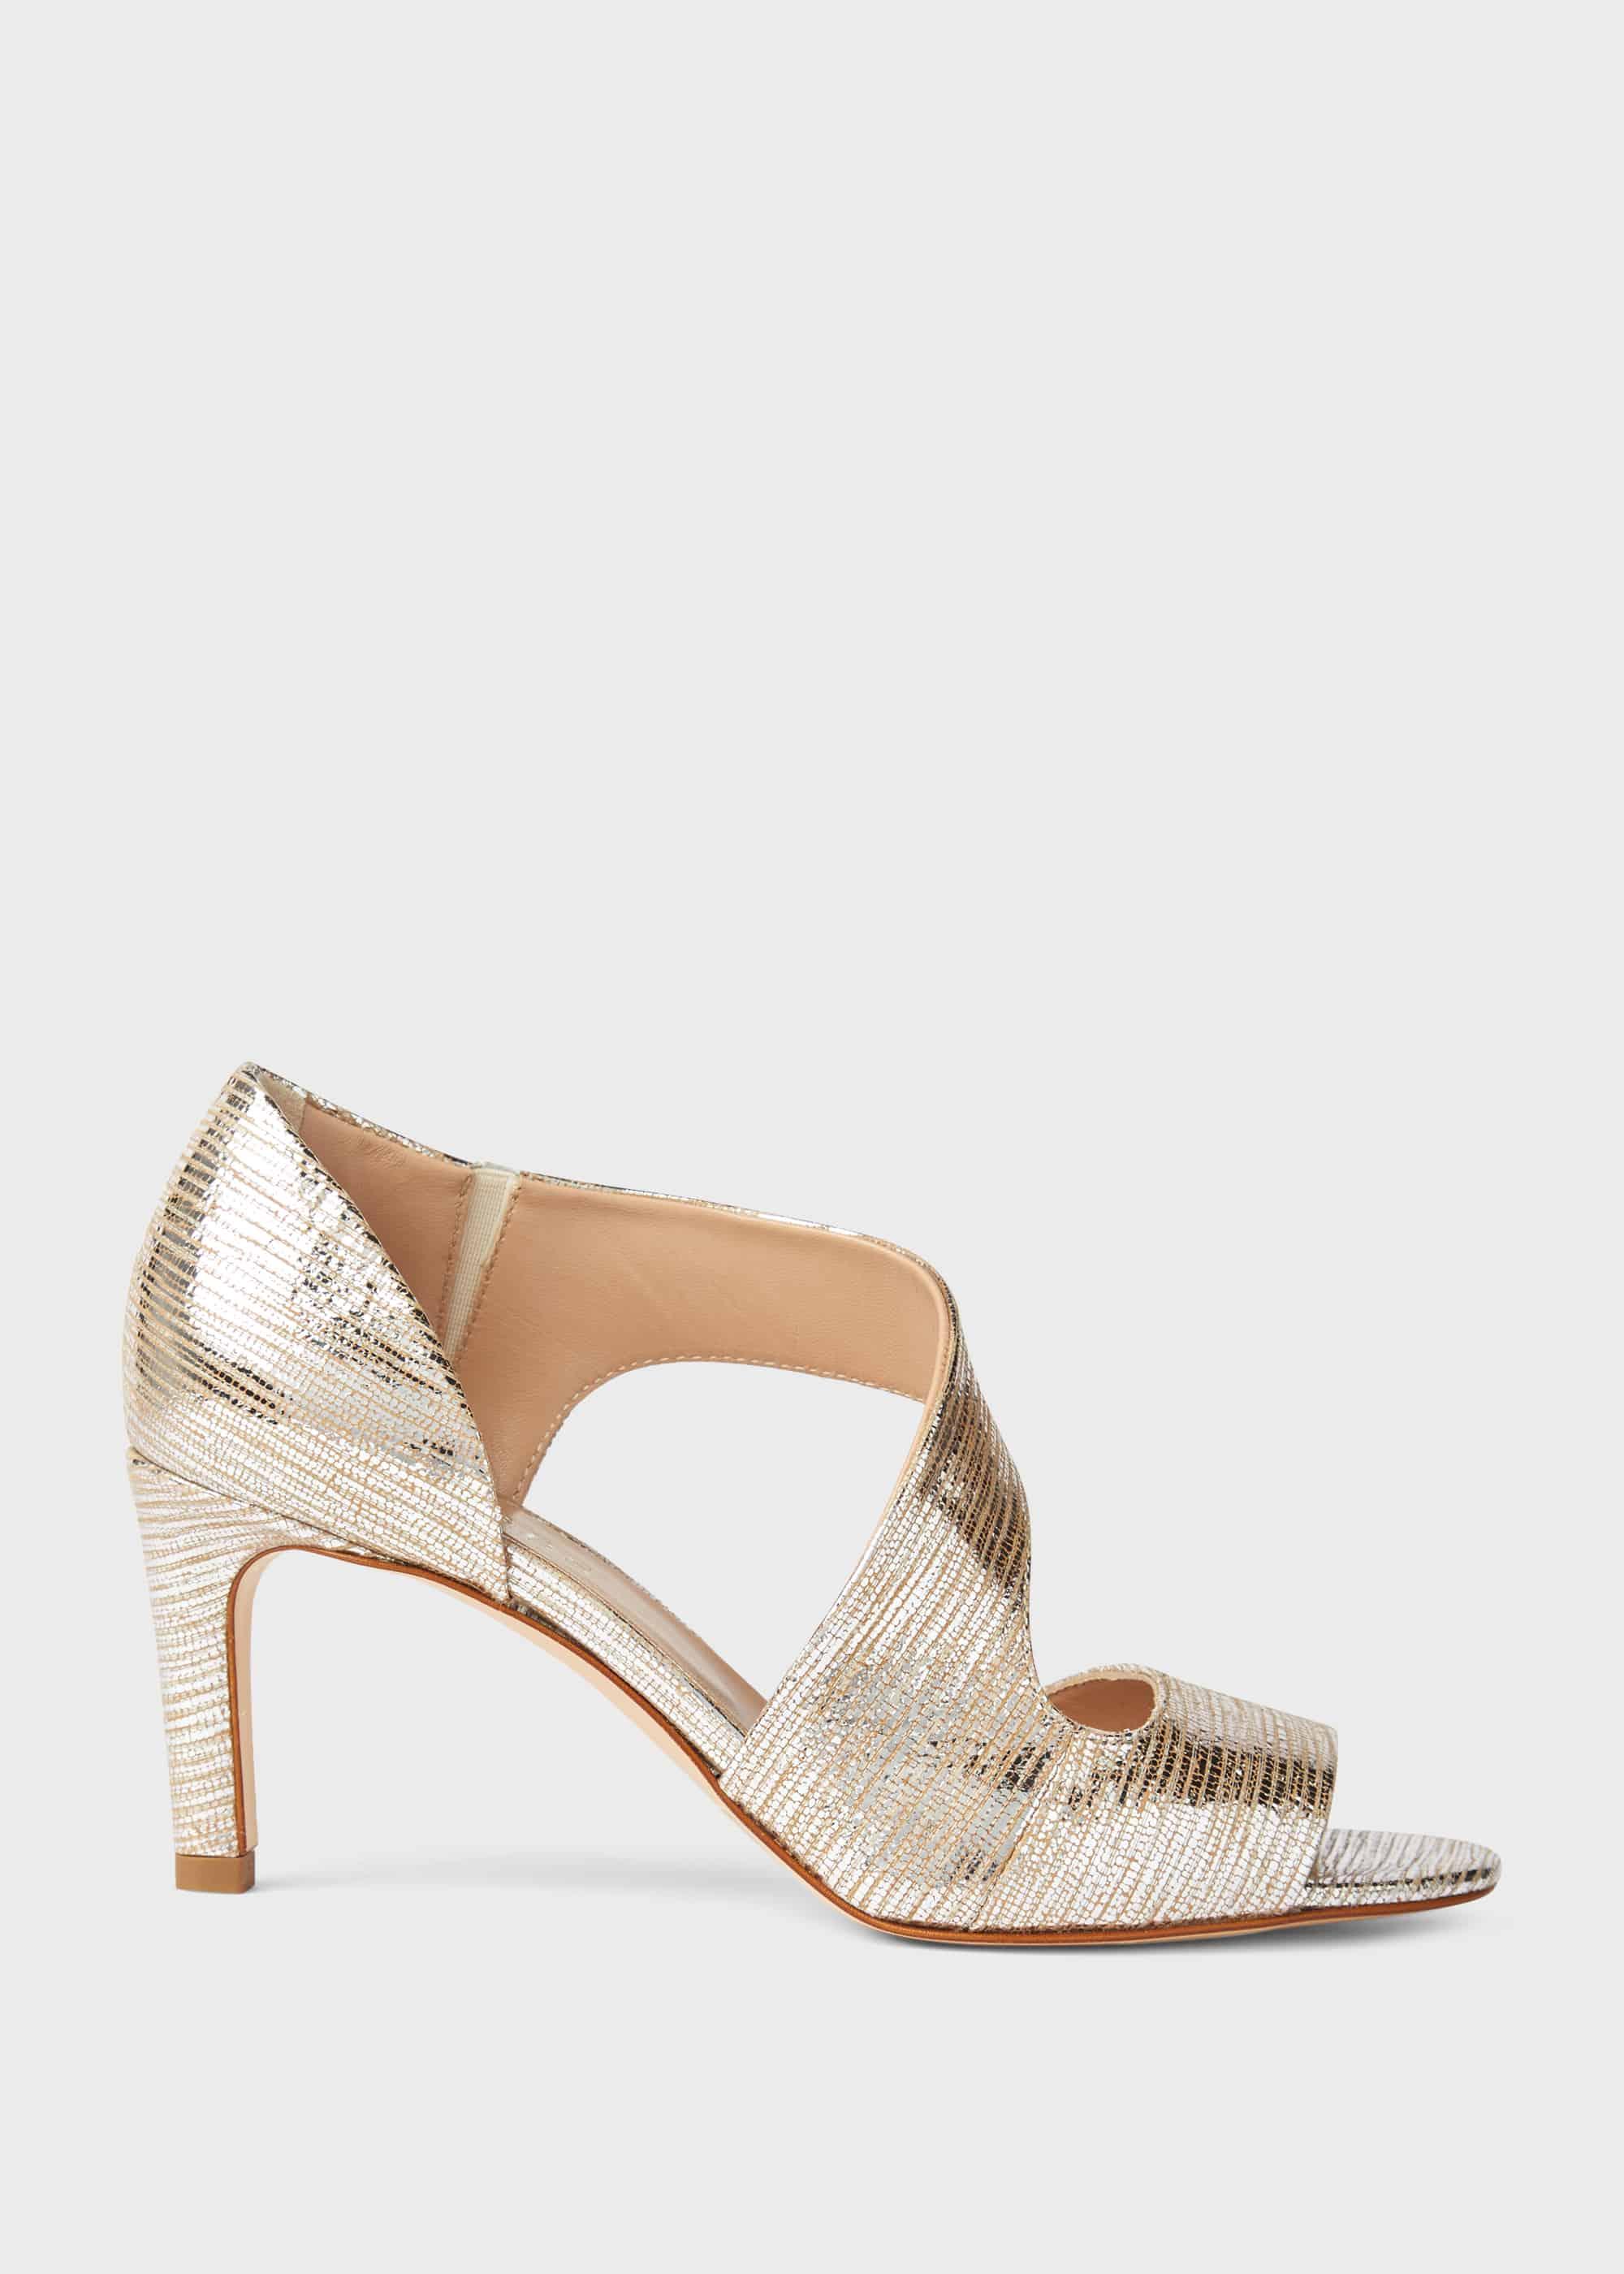 Hobbs Women Lexi Sandal